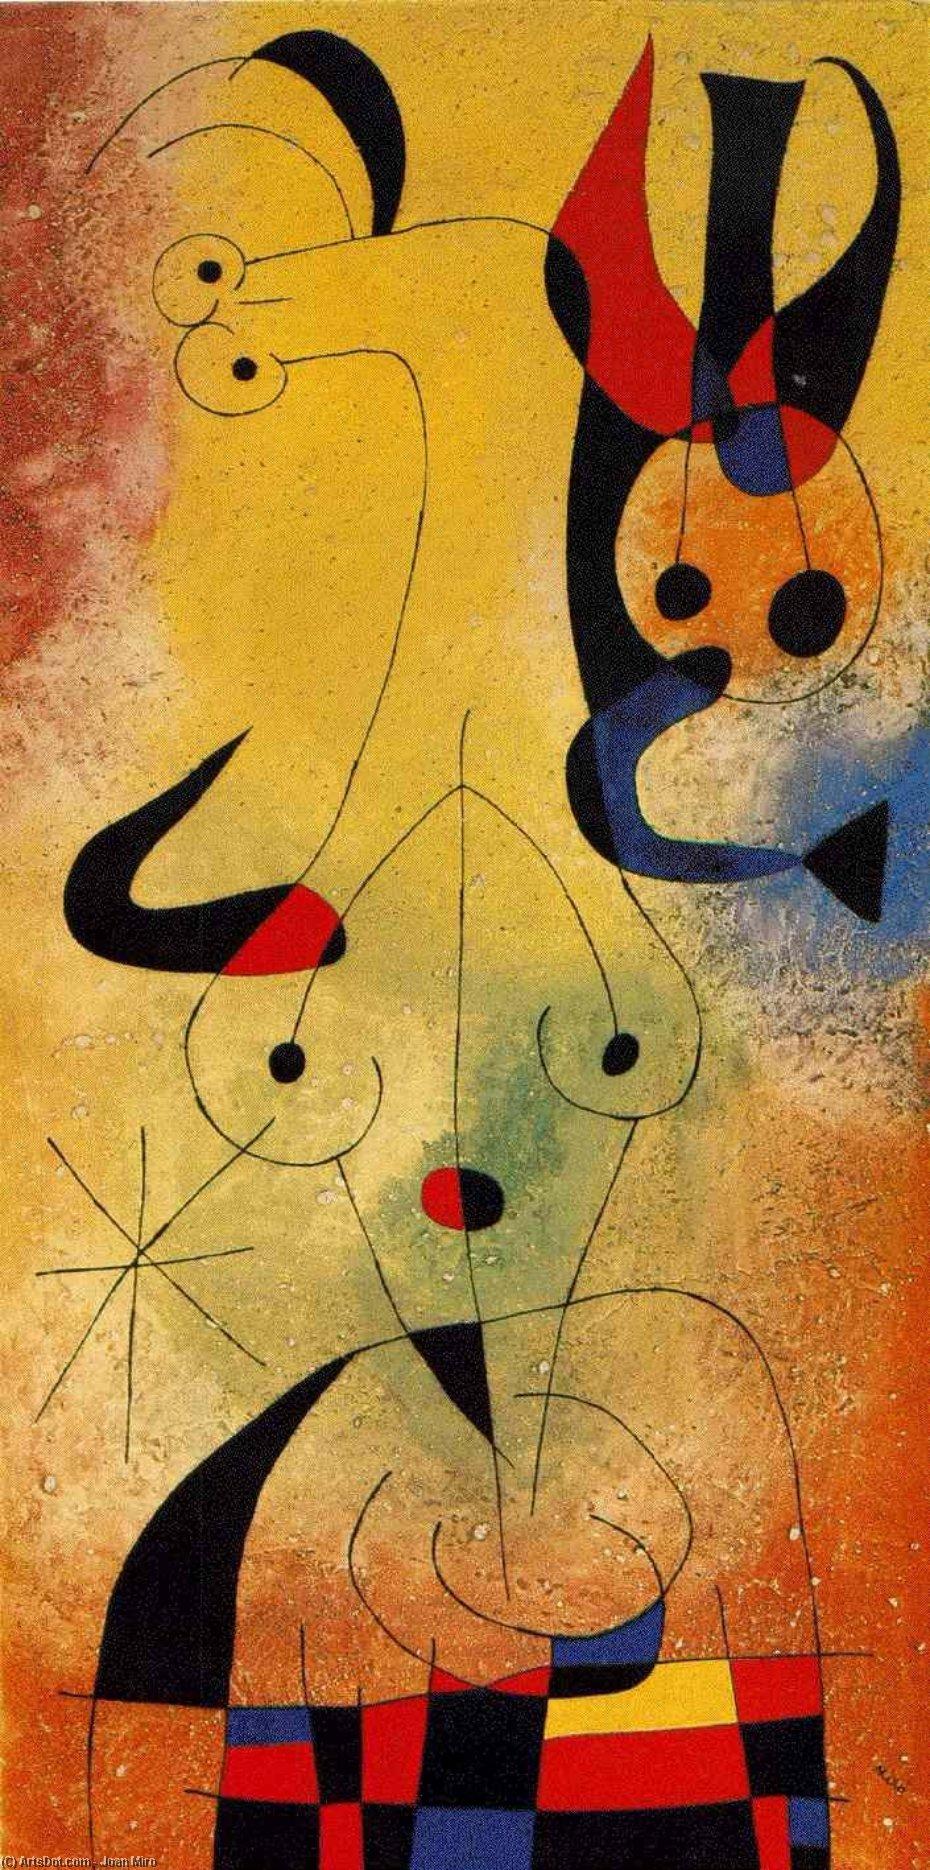 Wikioo.org - The Encyclopedia of Fine Arts - Painting, Artwork by Joan Miro - Amanecer perfumado por una ducha de oro